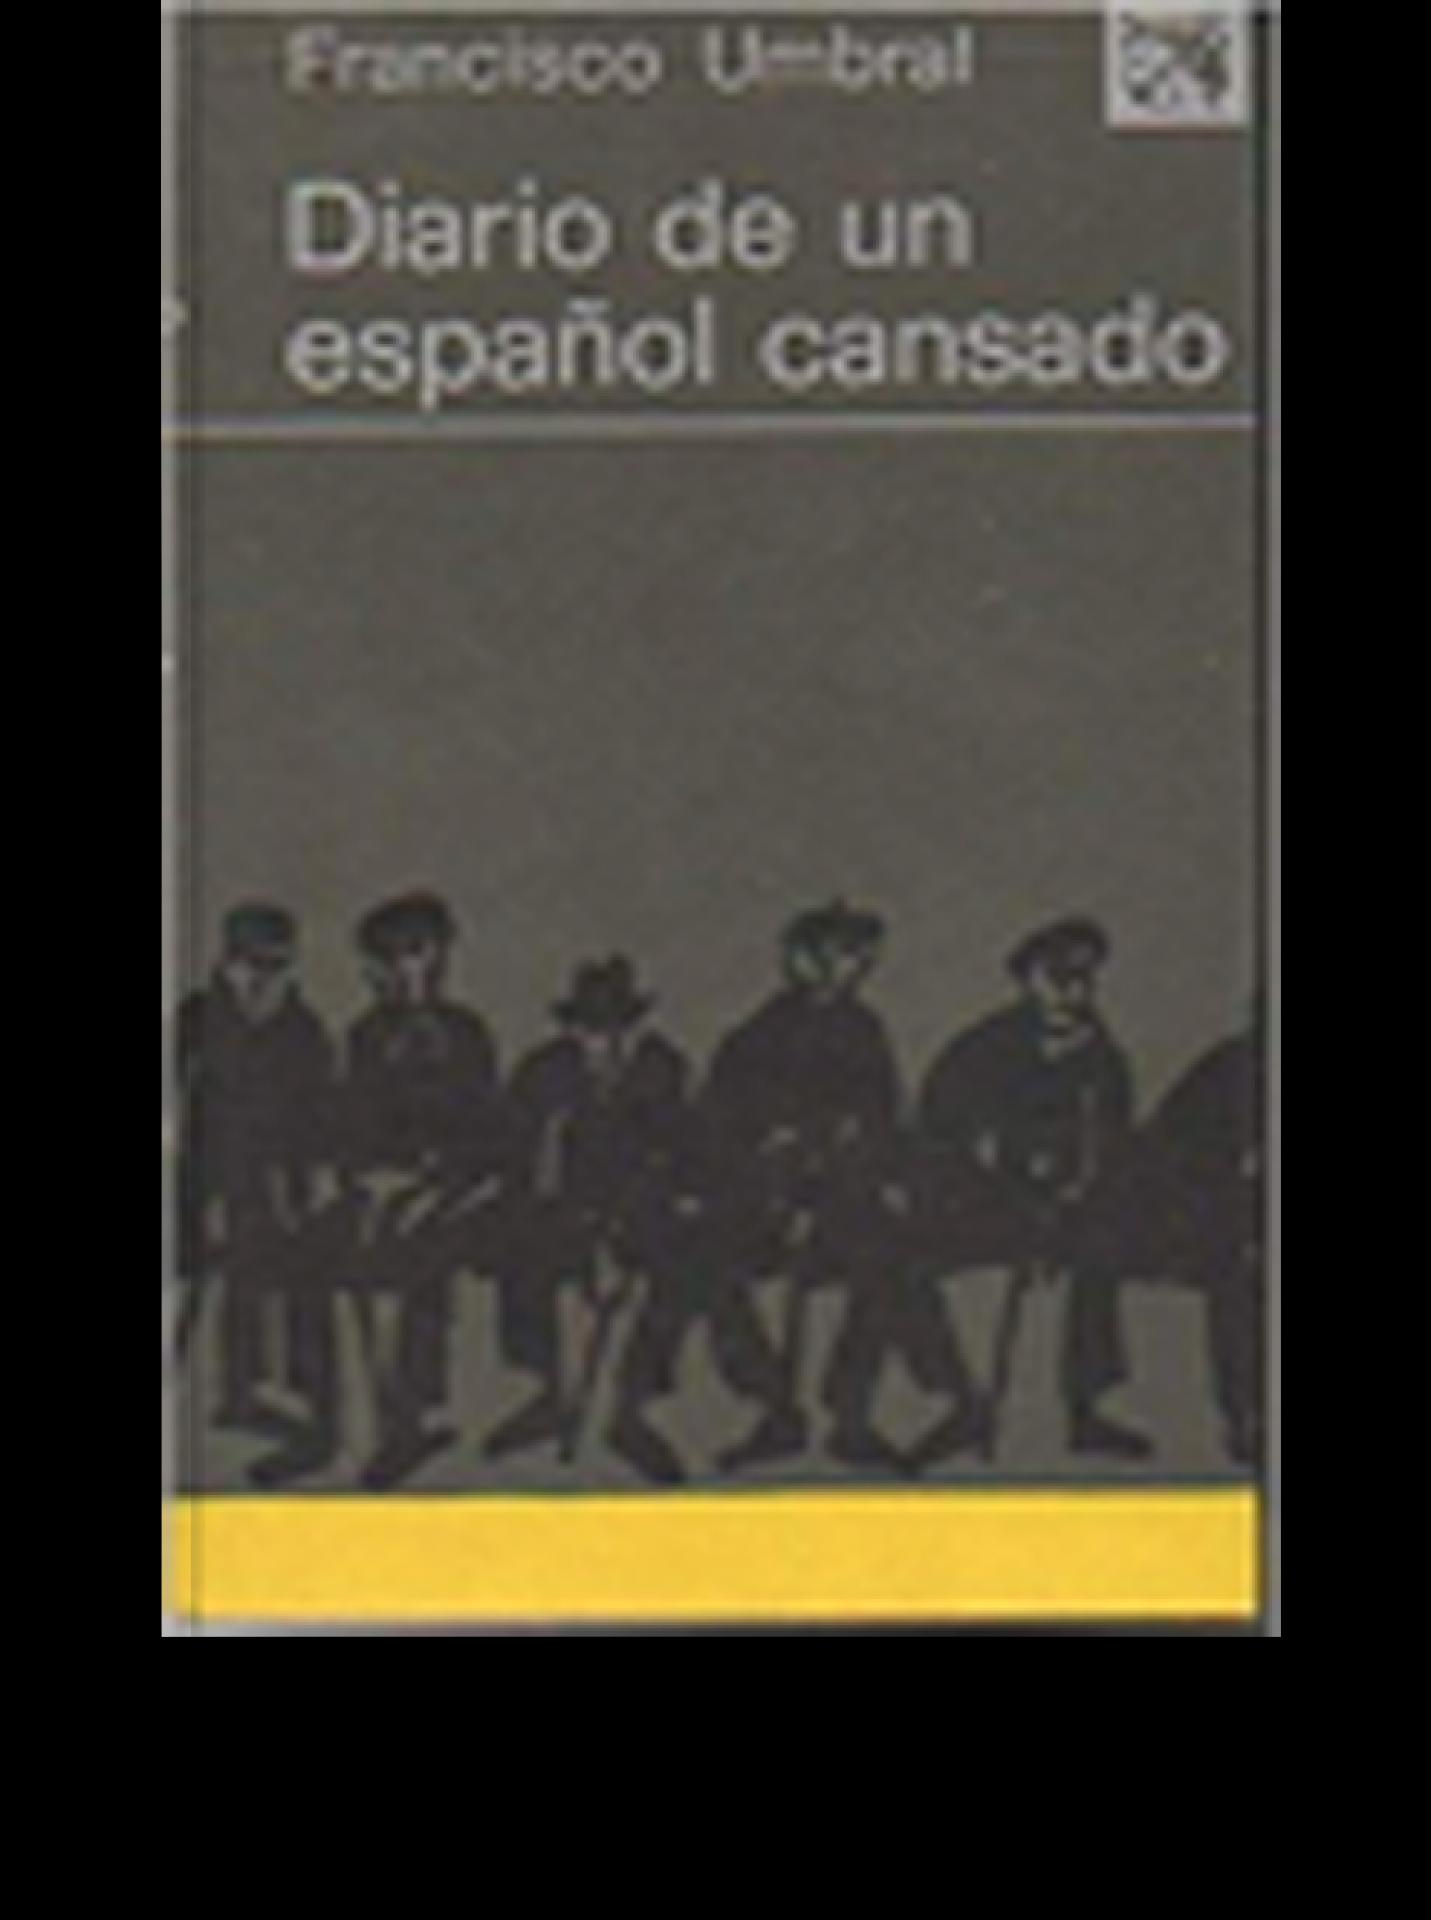 Diario de un español cansado